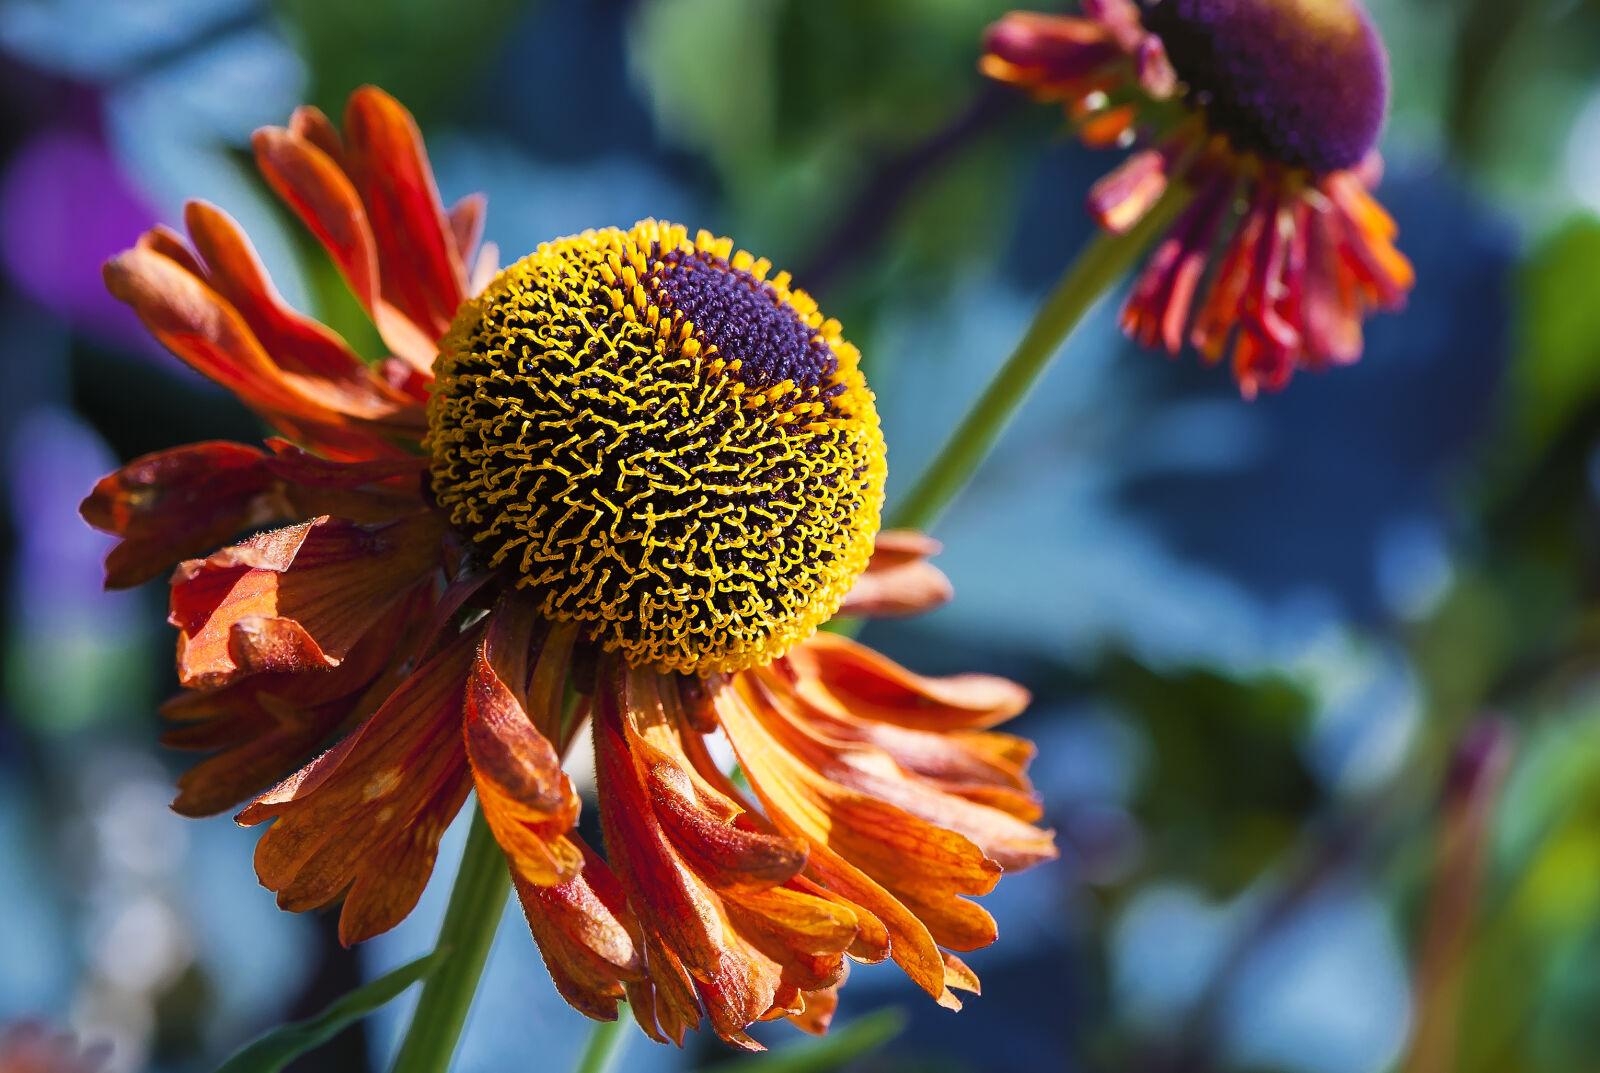 """Nikon D700 sample photo. """"Beautiful, flowers, close, up"""" photography"""